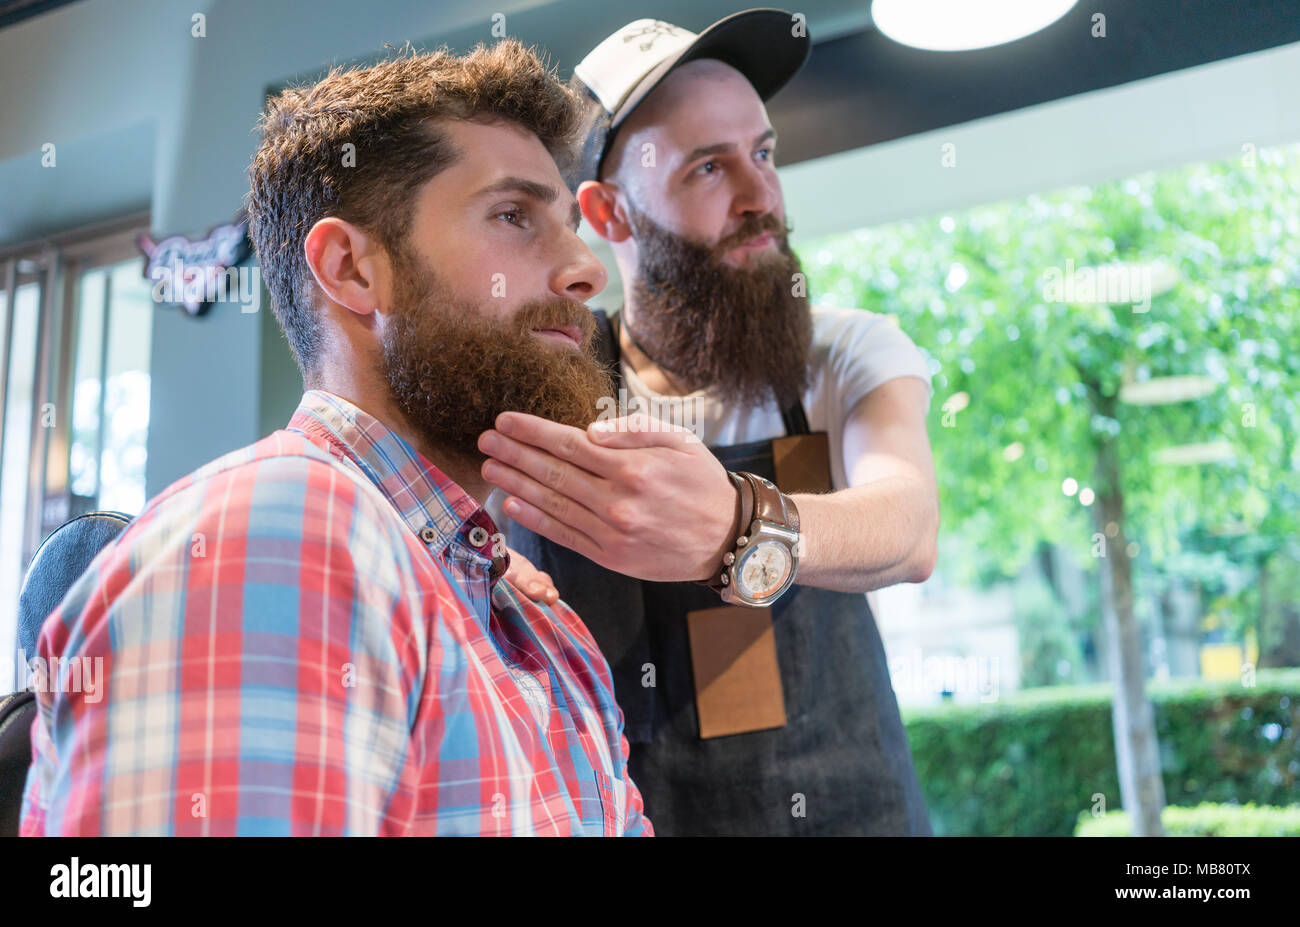 Jeune homme barbu pense à un changement de look dans le salon de coiffure Photo Stock